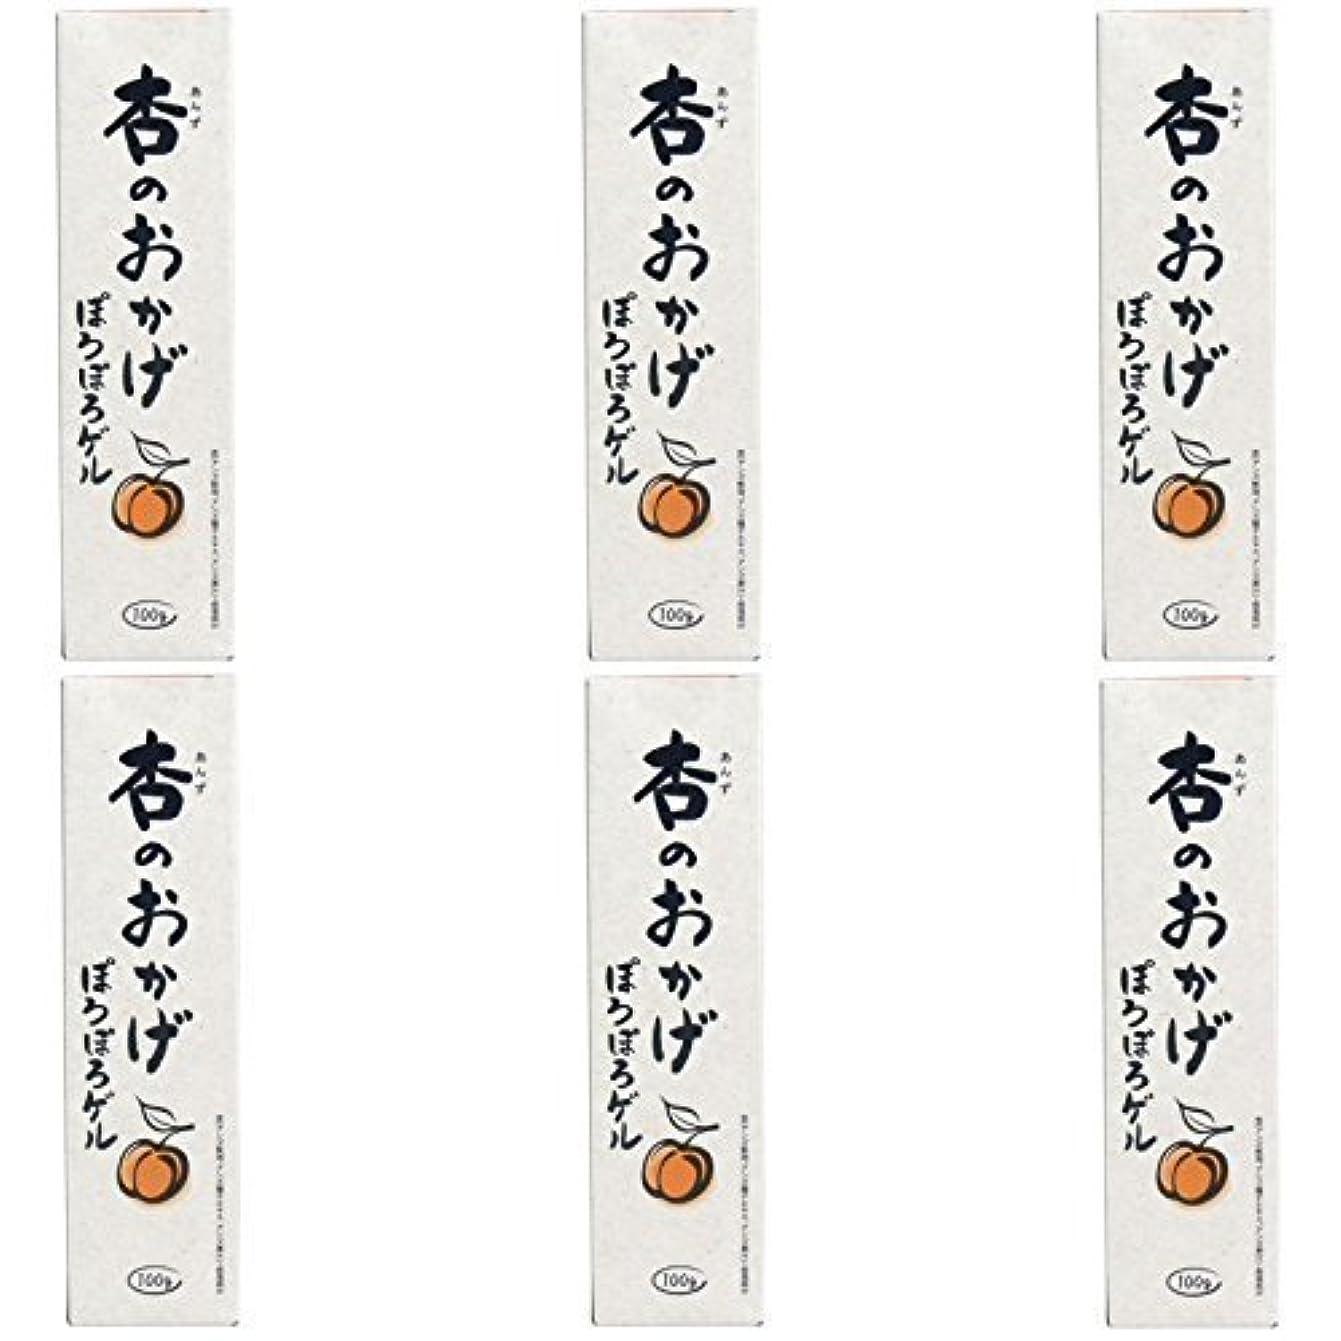 超える九時四十五分超高層ビル【まとめ買い】杏のおかげ ぽろぽろゲル 100g【×6個】